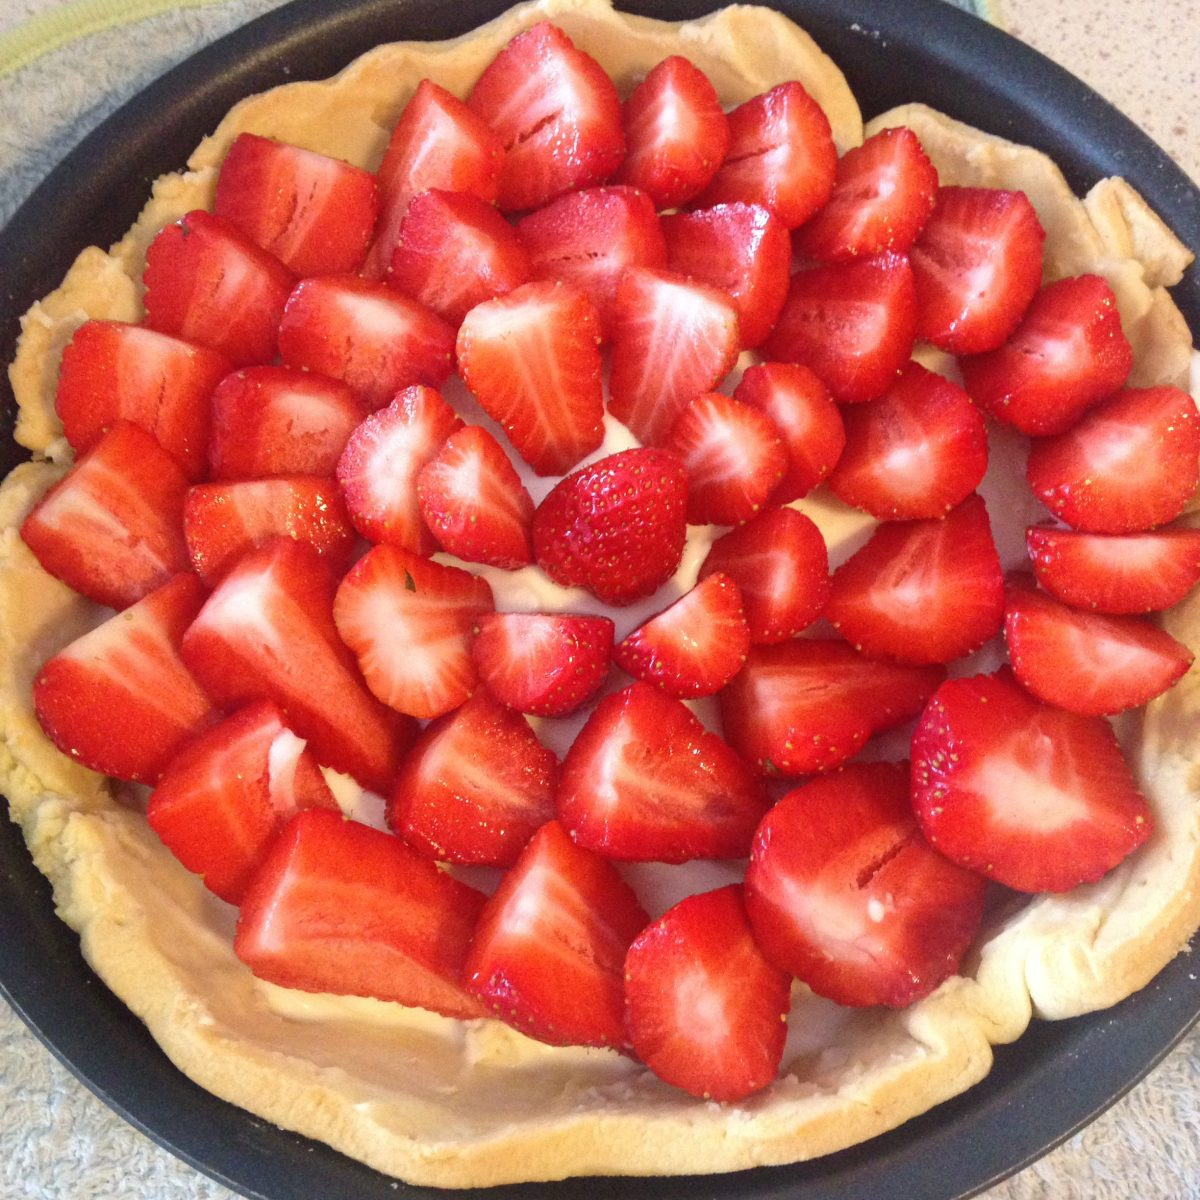 [RECETTE] La tarte Fraise Mascarpone de Ladurée